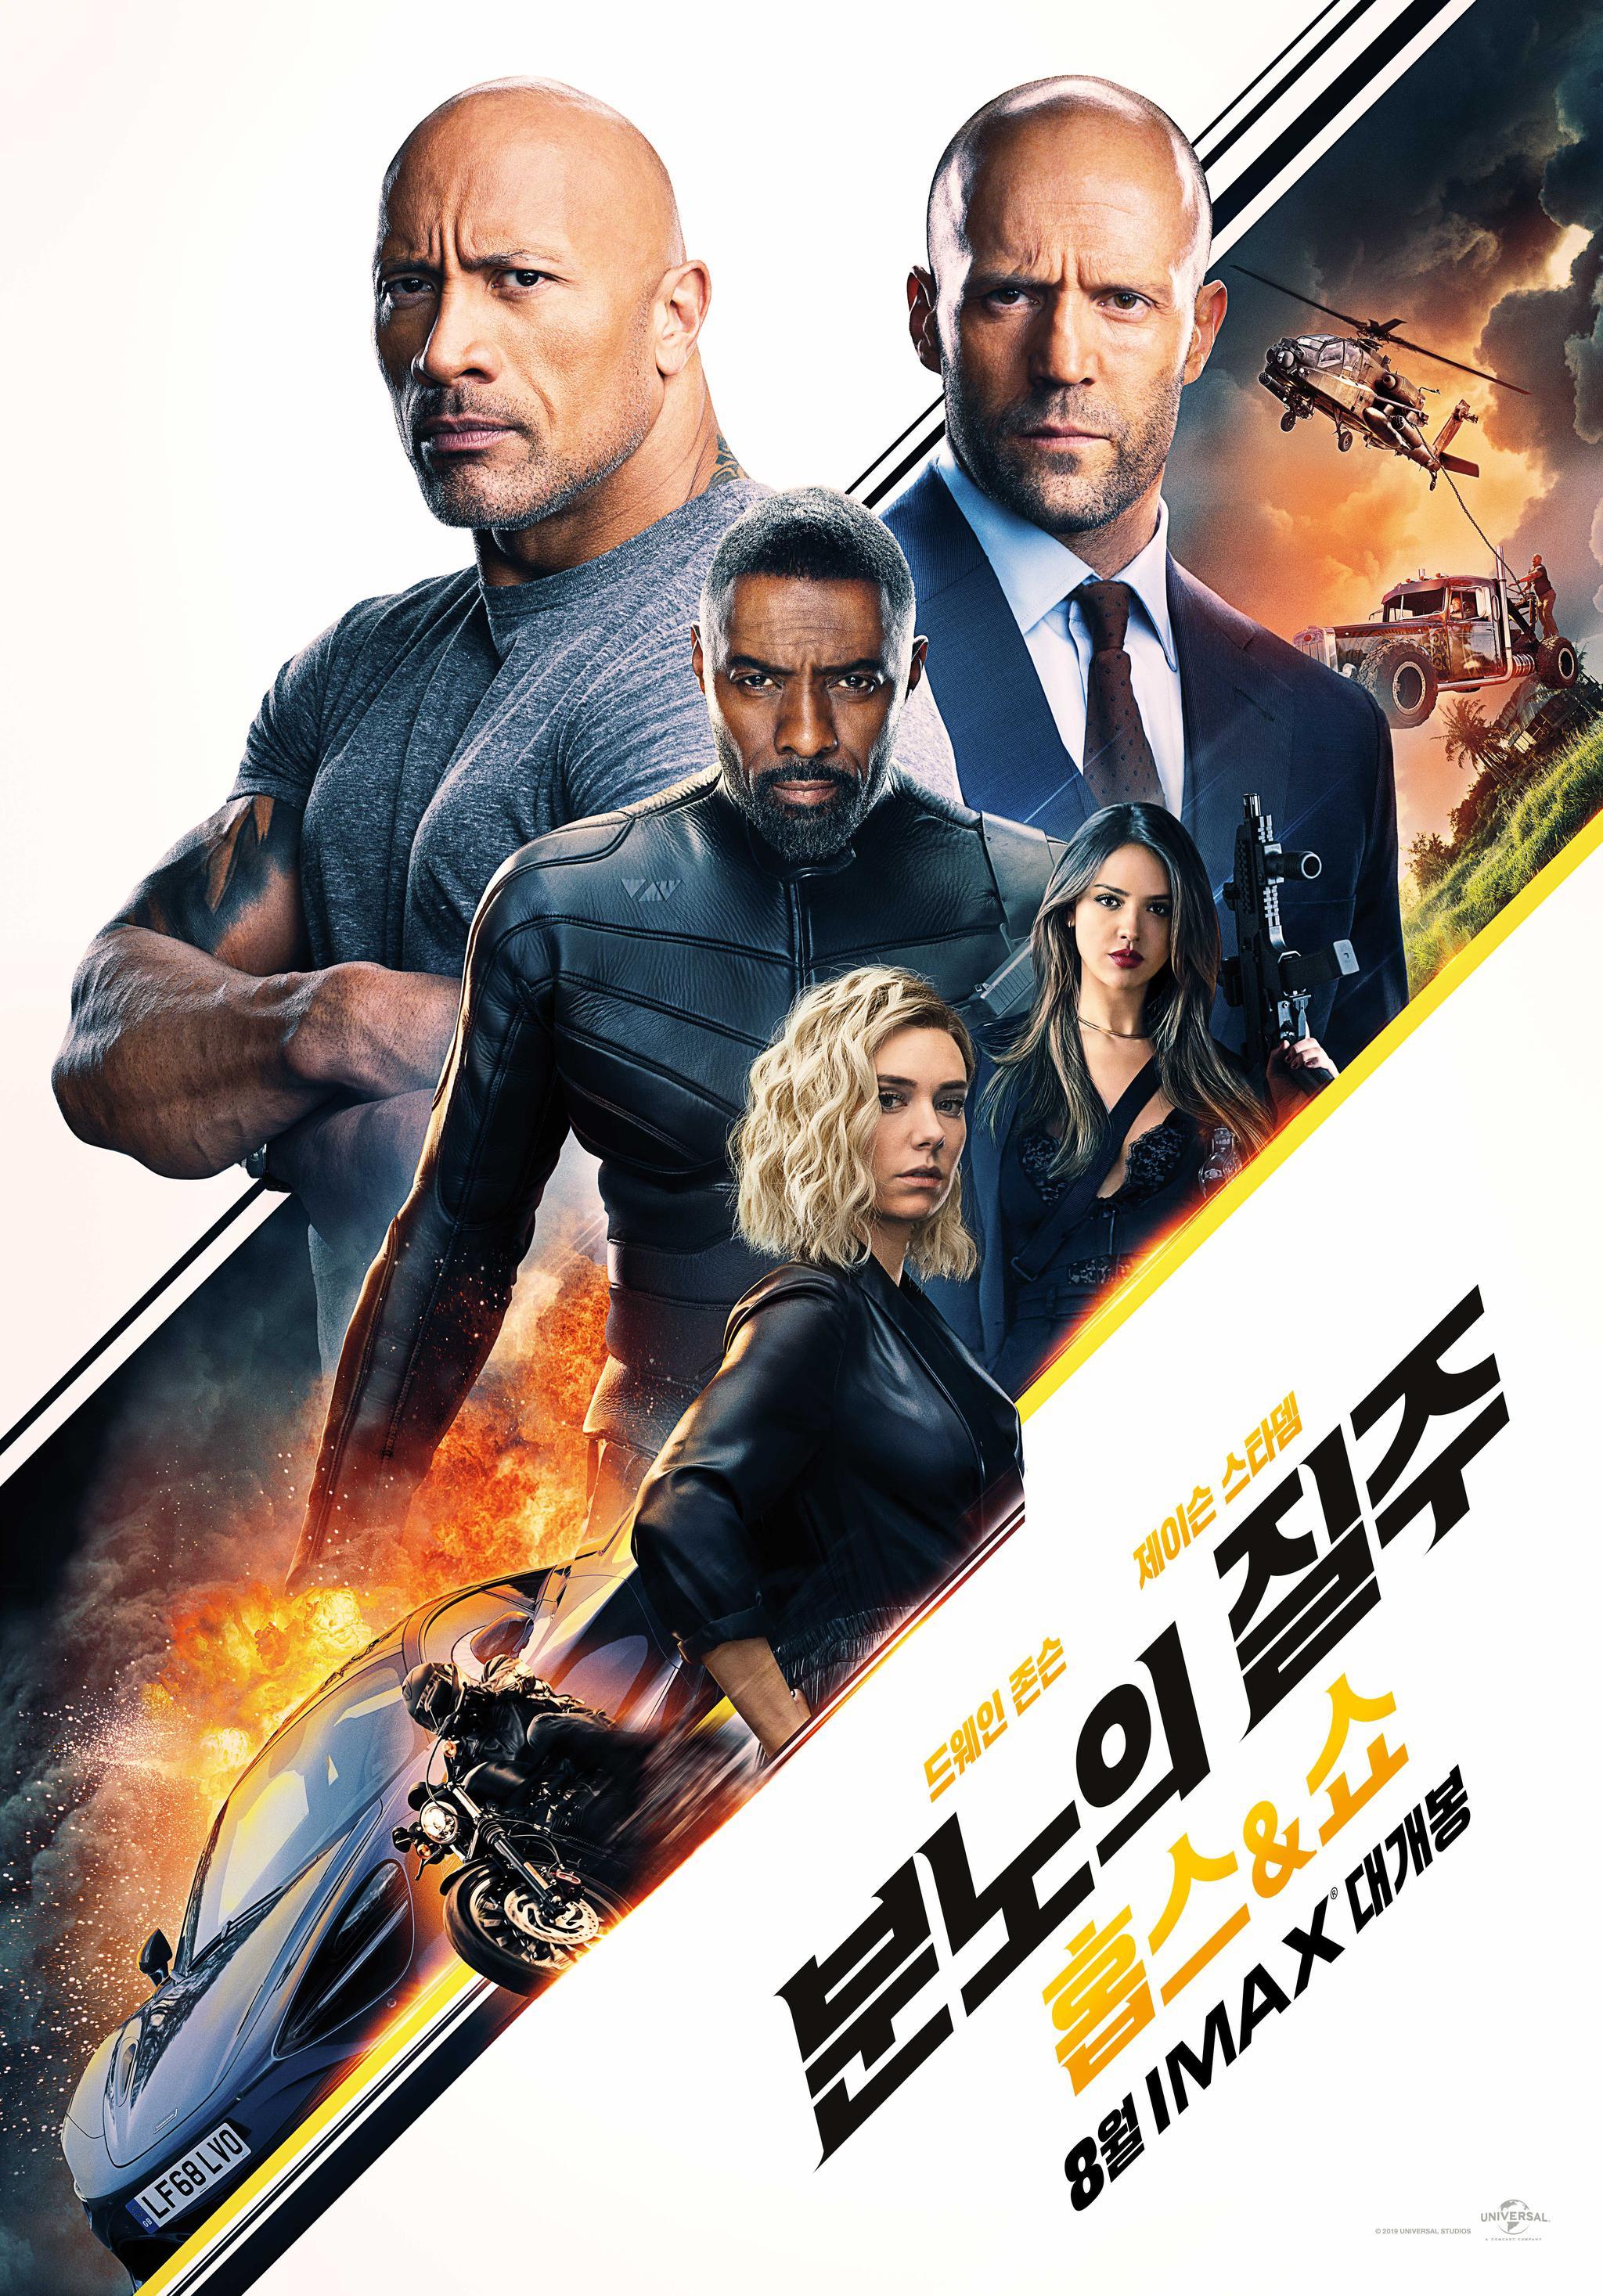 韩影票房:《速度与激情》登顶 《EXIT》不弱